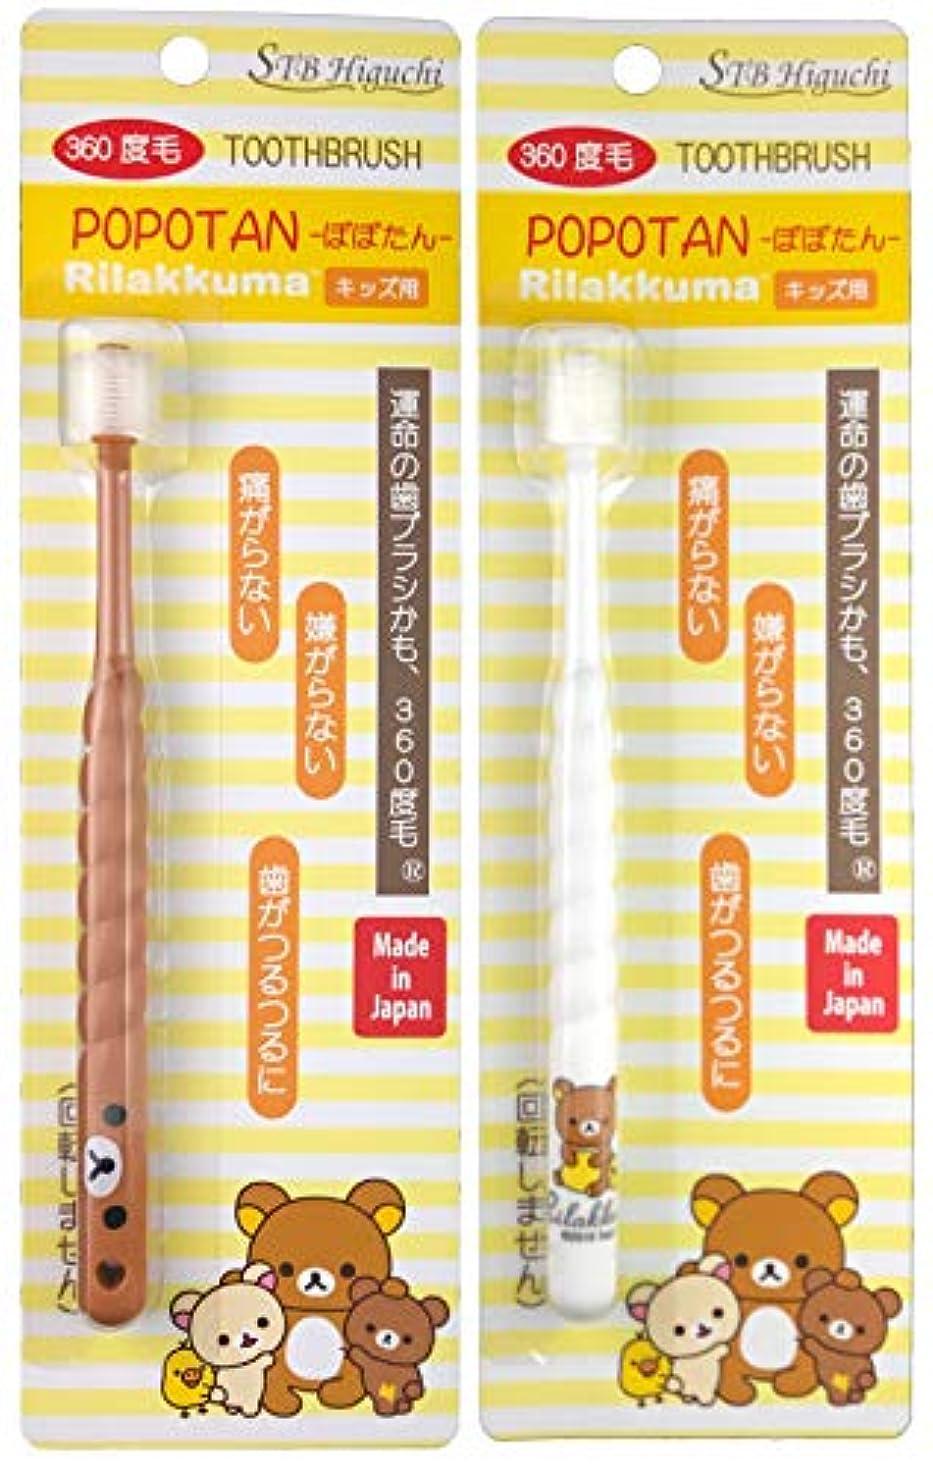 肝ブリーフケース耐久360度毛歯ブラシ STB-360do POPOTANキッズ ぽぽたんキッズ リラックマ(カラーは1色おまかせ)